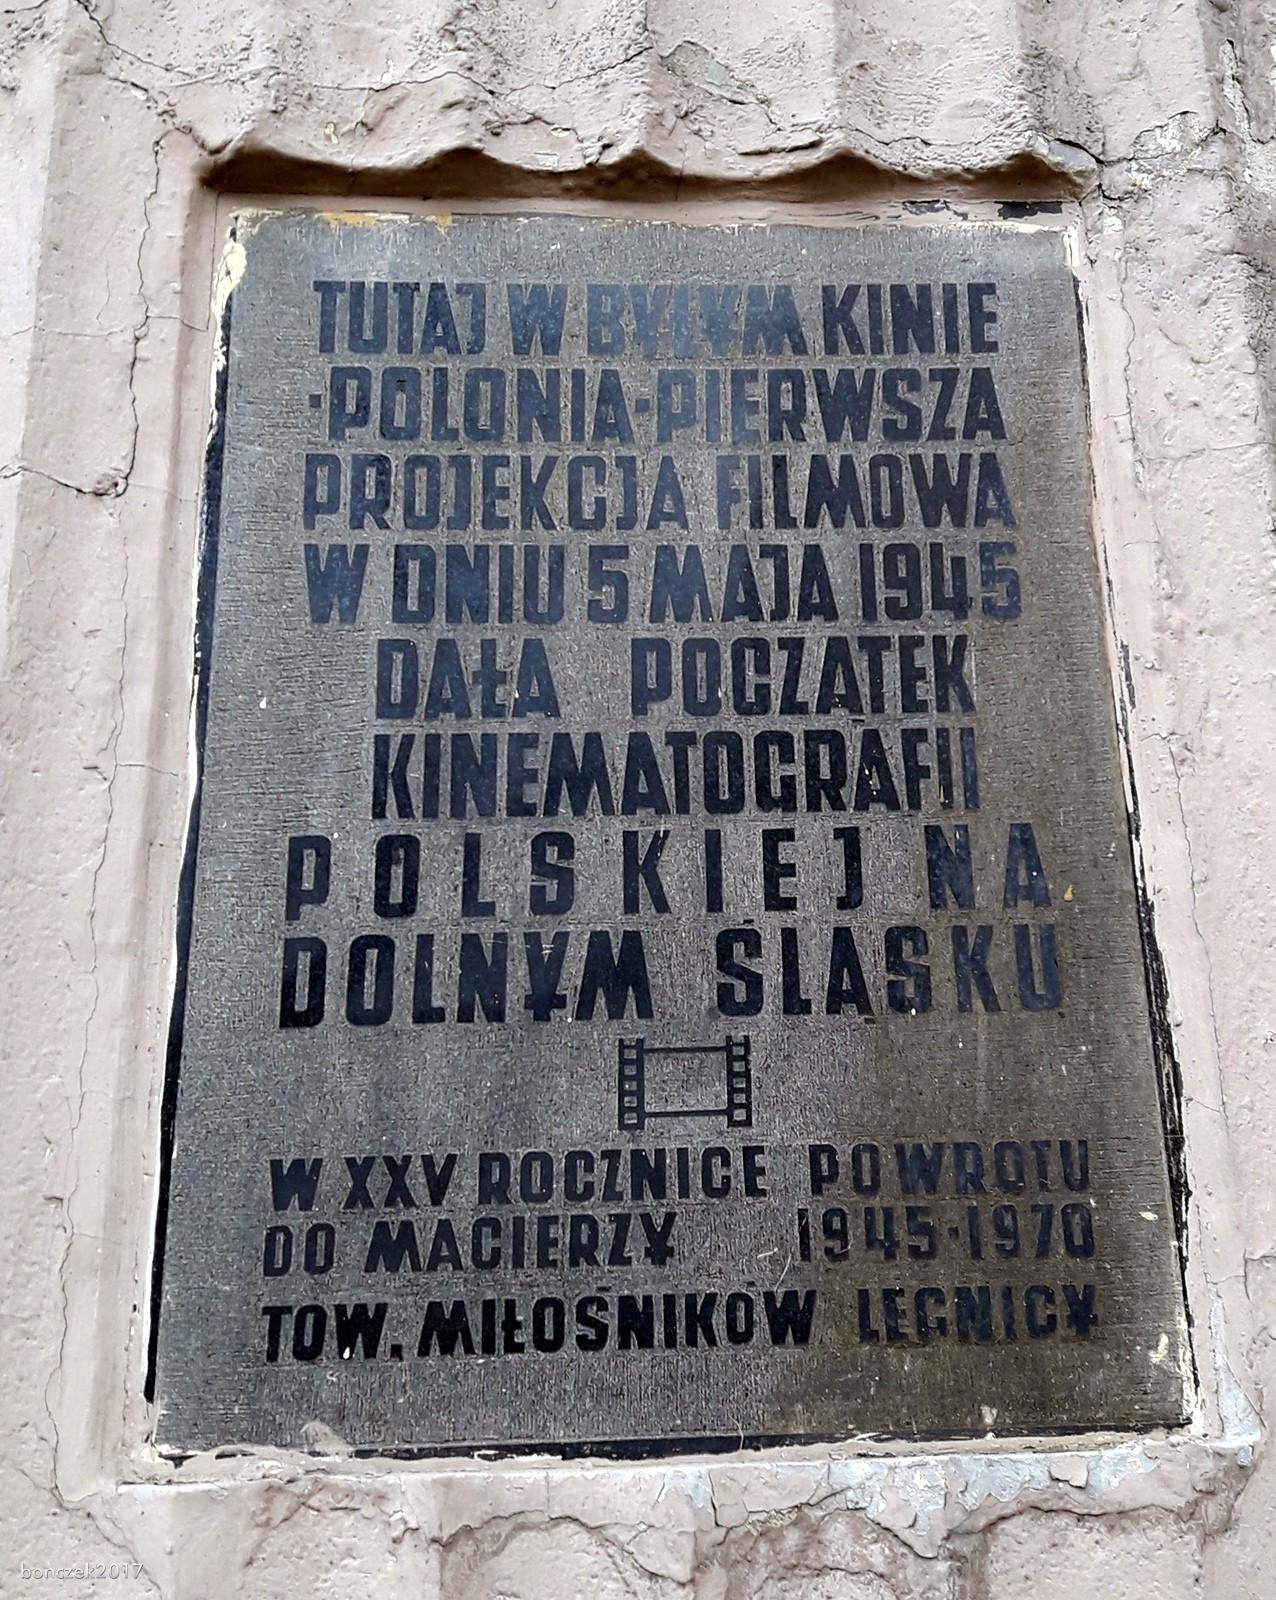 Kino Ognisko Legnica Zdjęcia